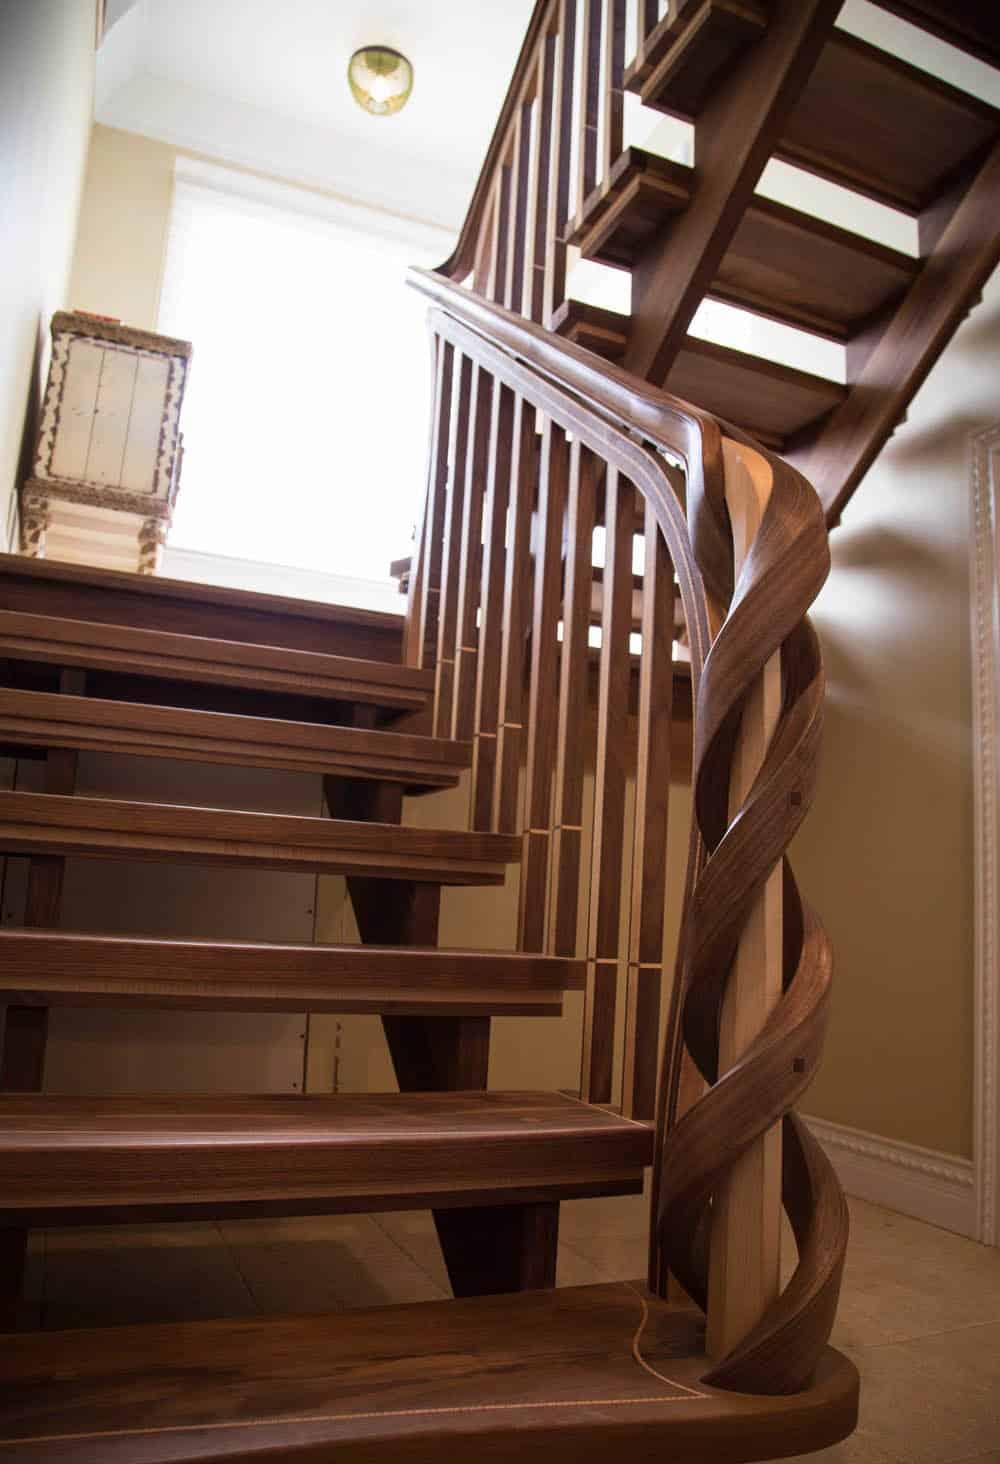 Thiết kế trụ cầu thang ấn tượng từ gỗ Walnut